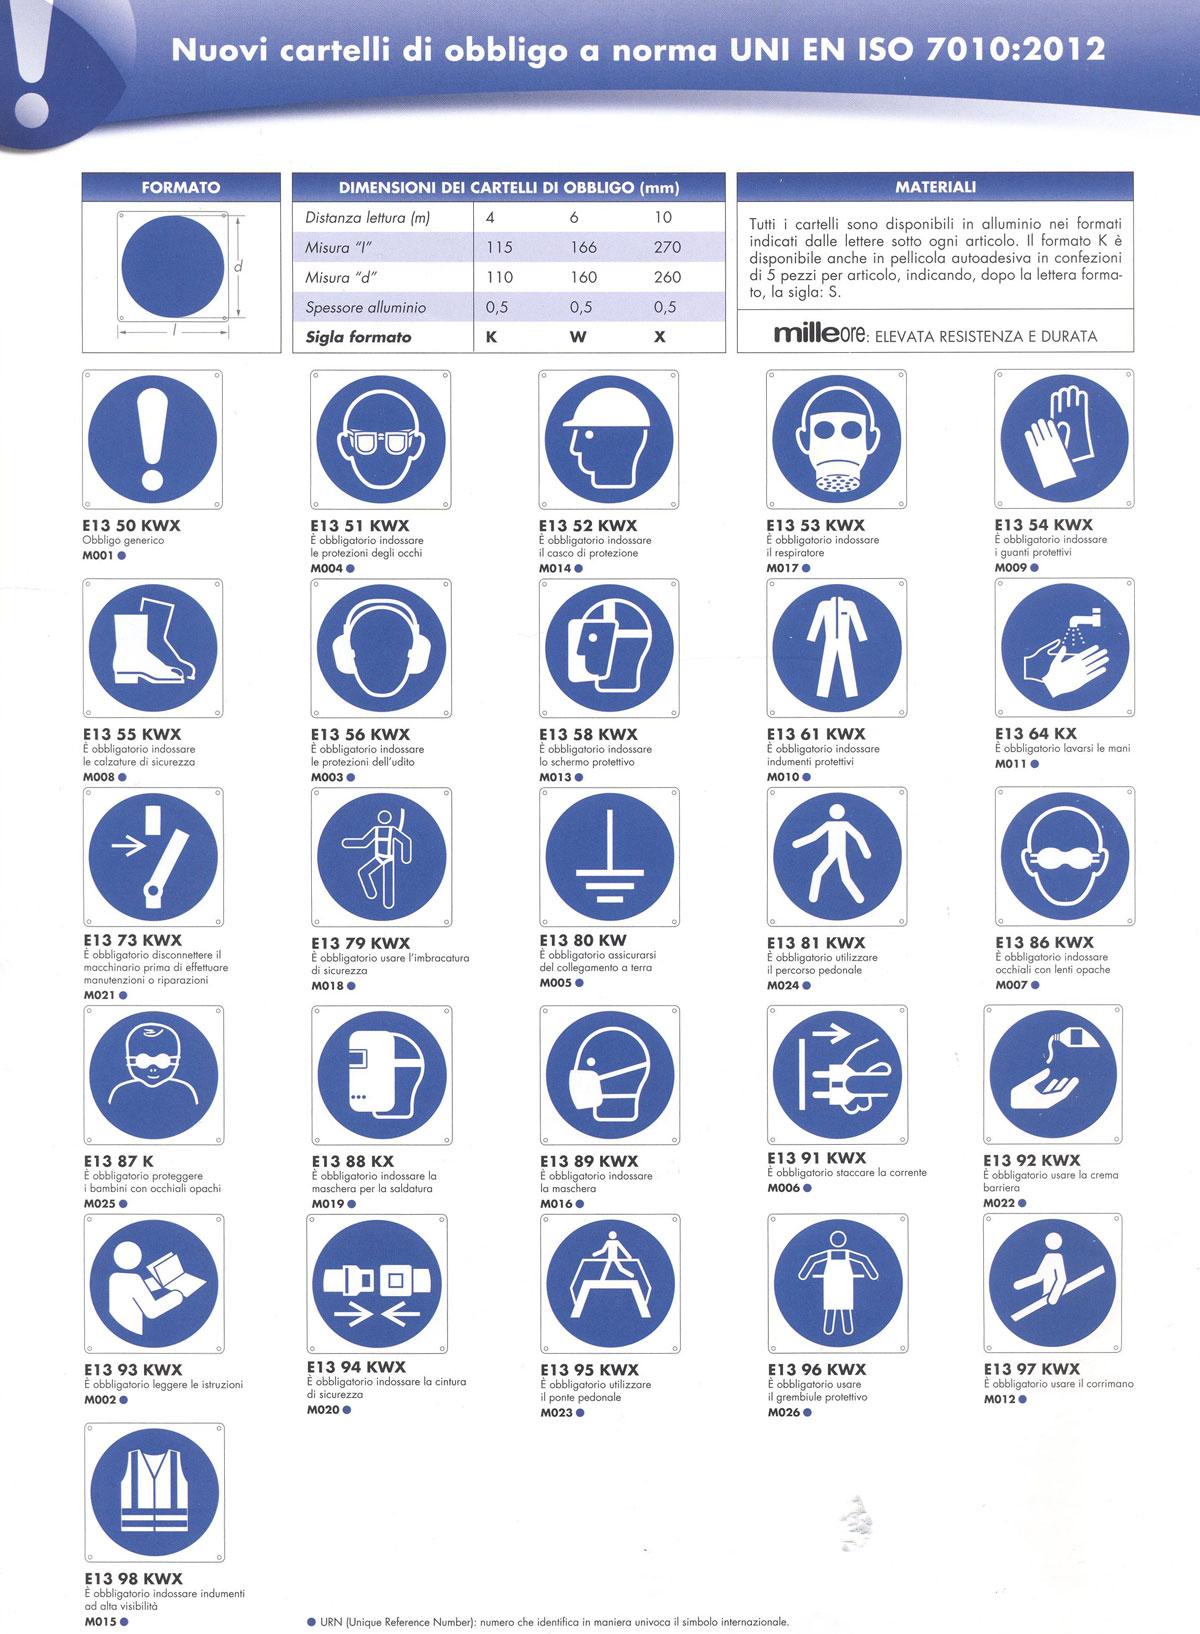 nuovi cartelli di obbligo a noma UNI EN ISO 7010:2012